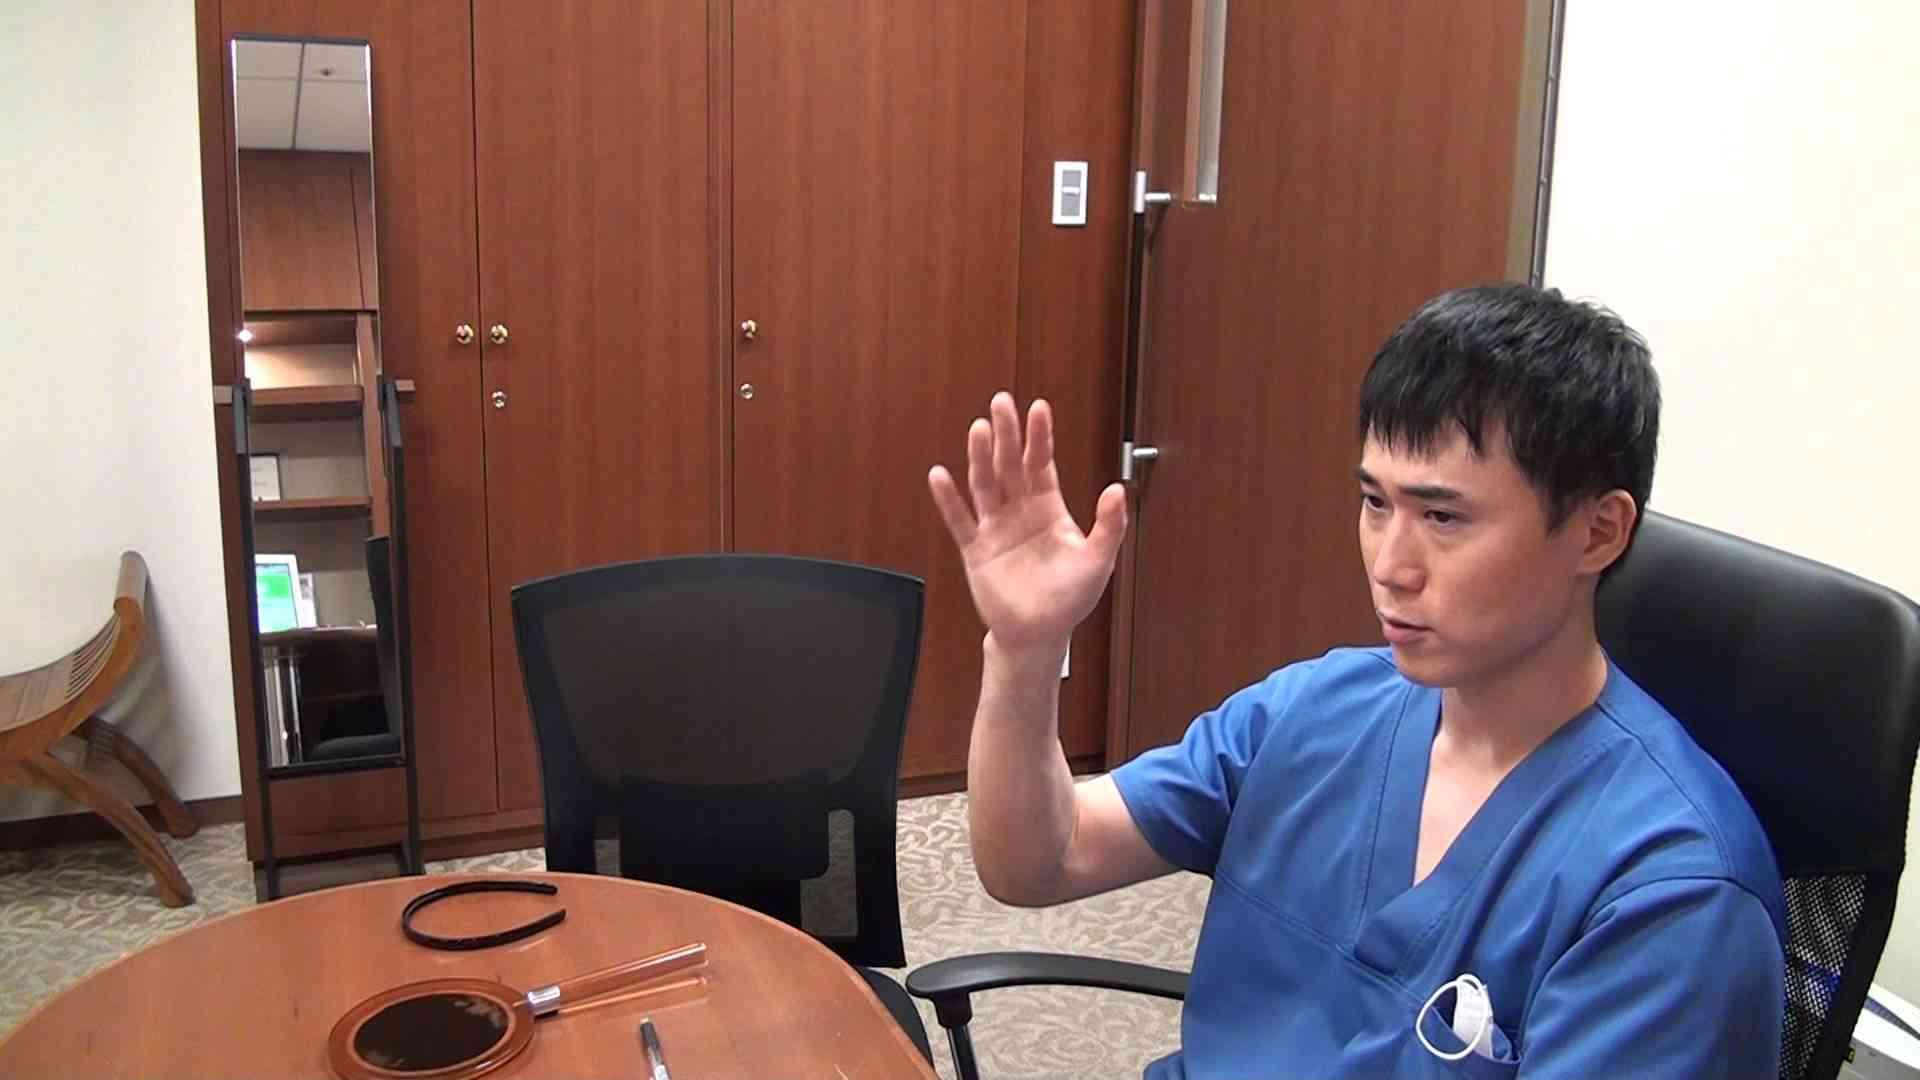 高須クリニック 人間の価値は見た目が何割?女性の場合、男性の場合 美容整形外科動画 - YouTube